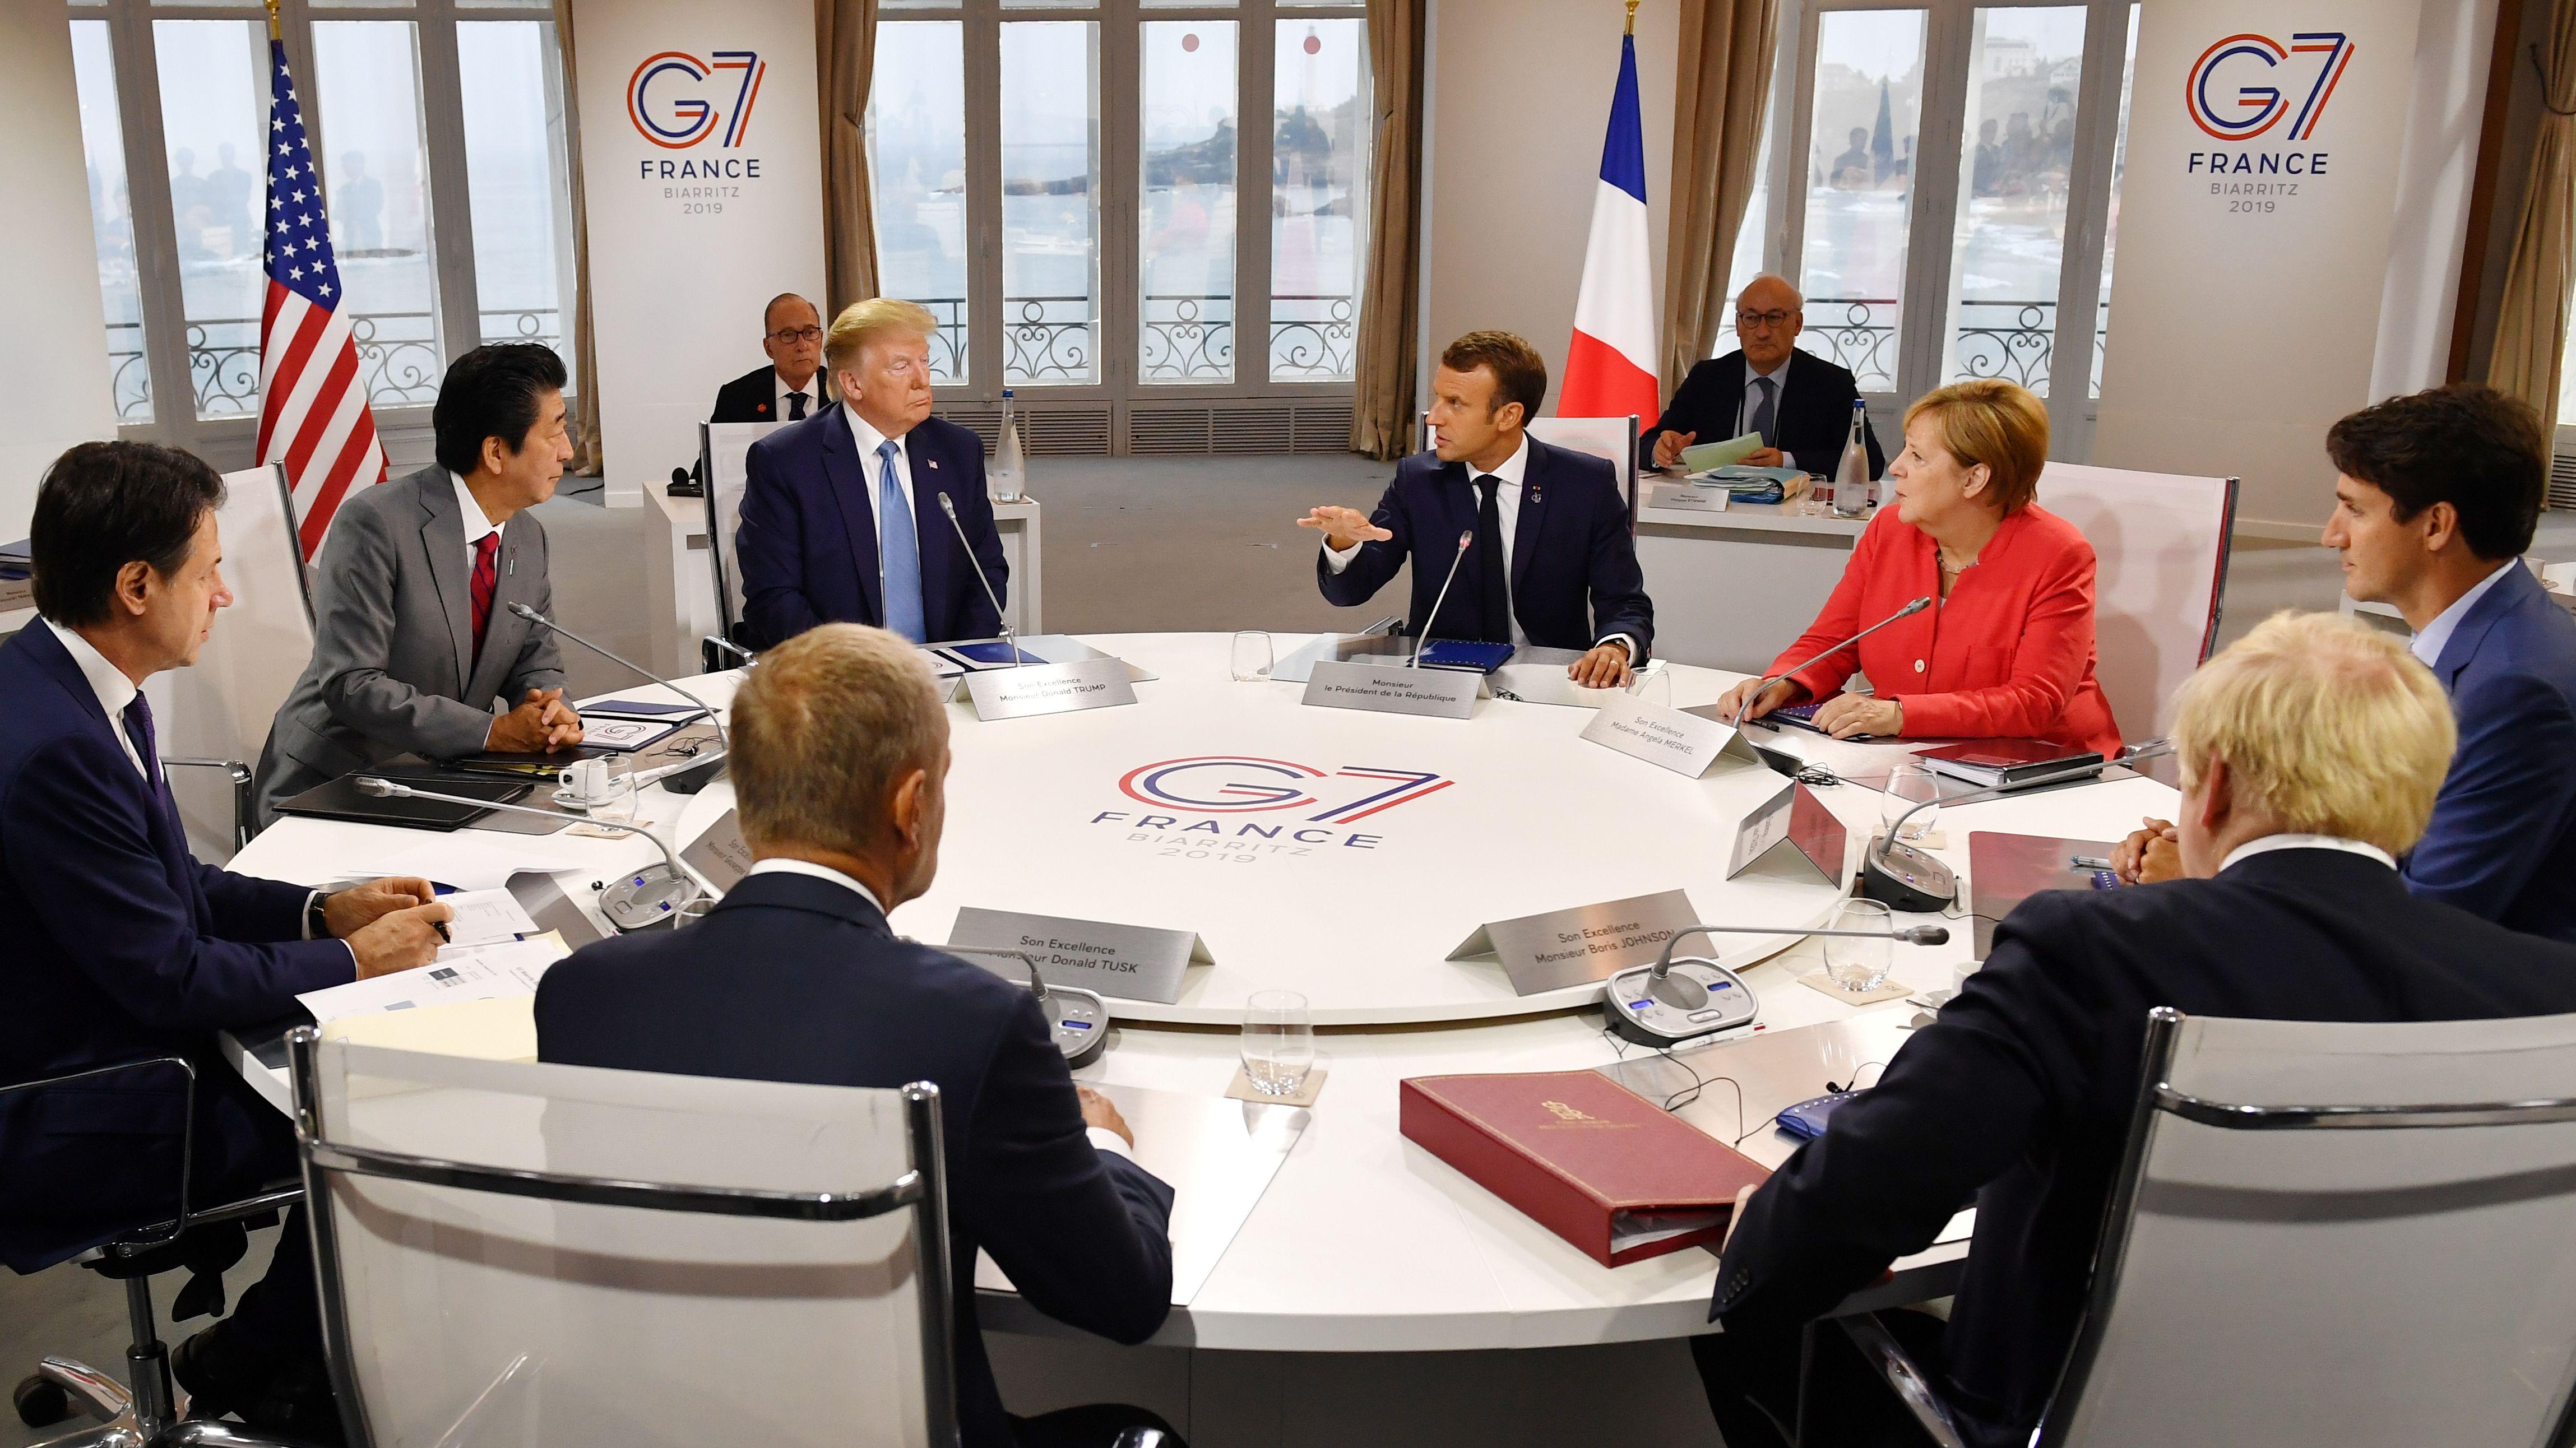 Teilnehmer des G7-Gipfel am Konferenztisch